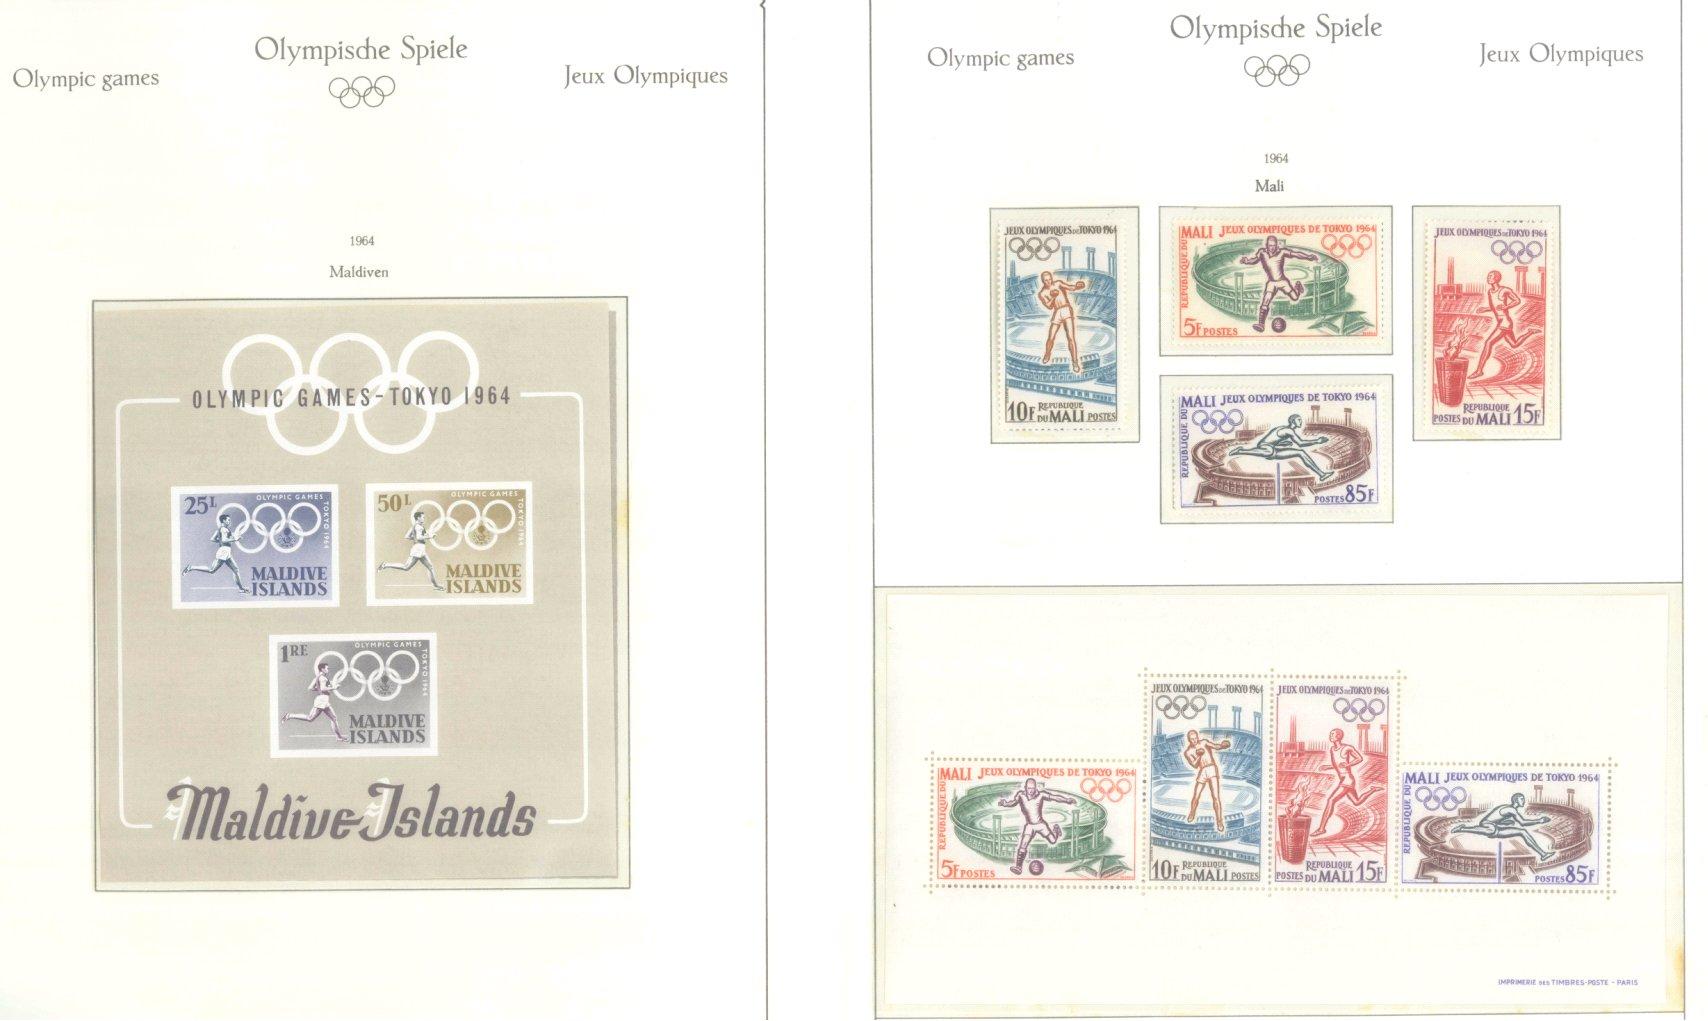 OLYMPISCHE SPIELE 1964 TOKIO, postfrische Sammlung Teil 1-45